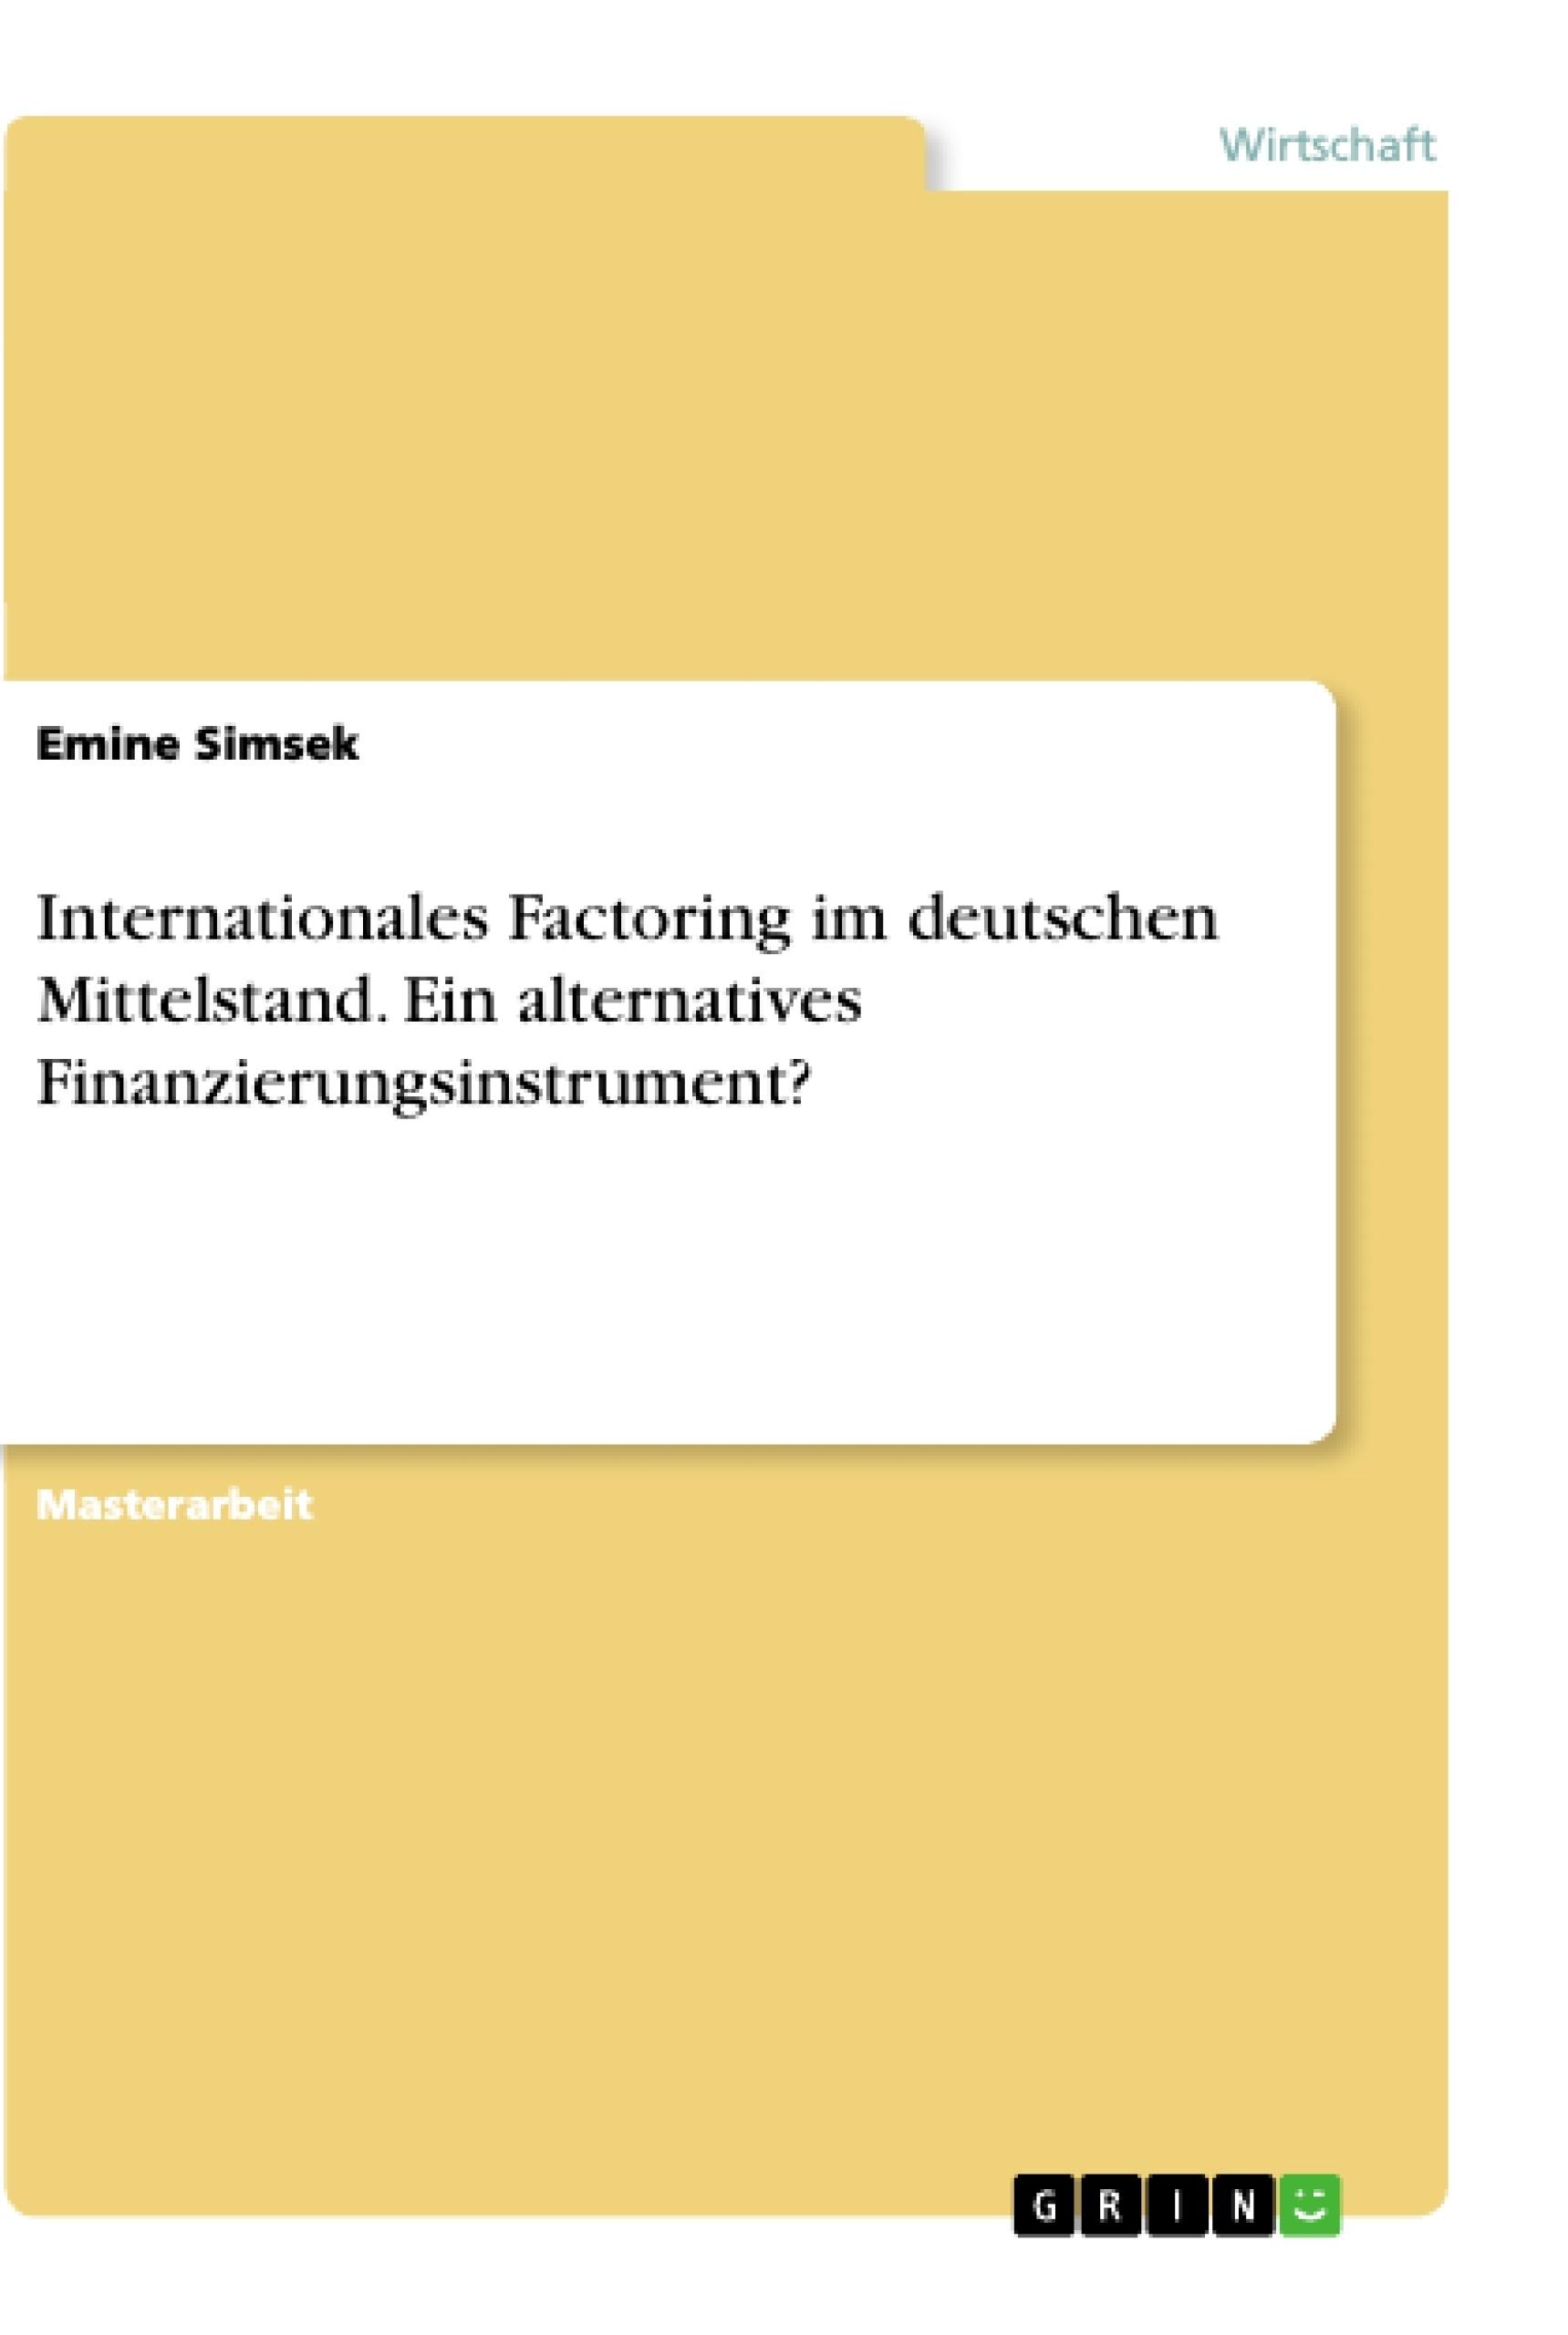 Titel: Internationales Factoring im deutschen Mittelstand. Ein alternatives Finanzierungsinstrument?